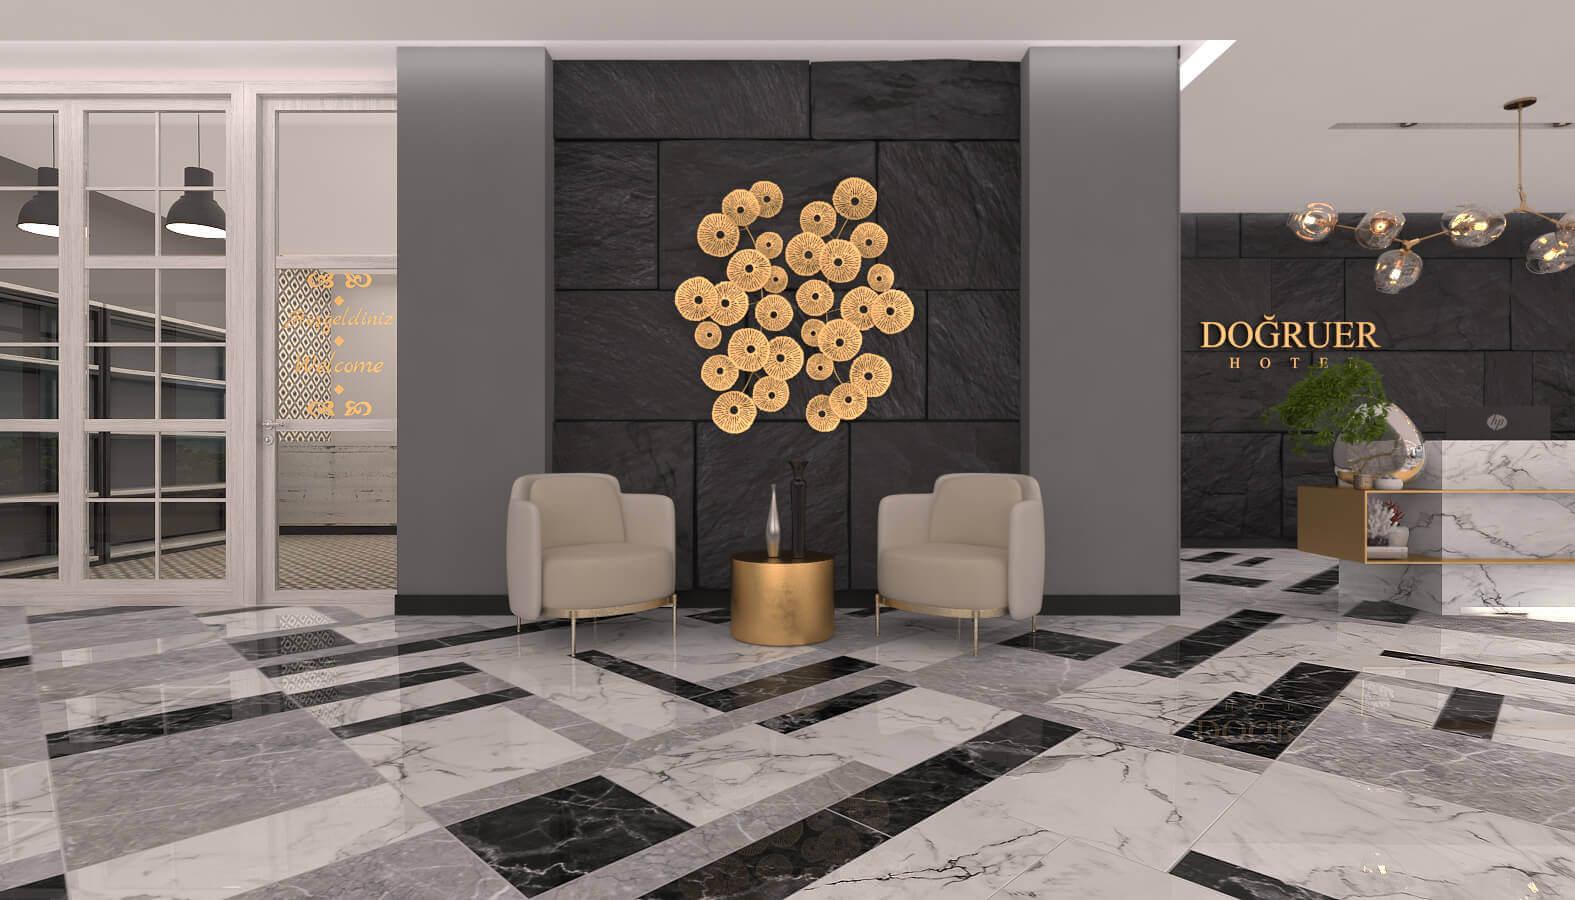 Ören 3587 Doğruer hotel Oteller